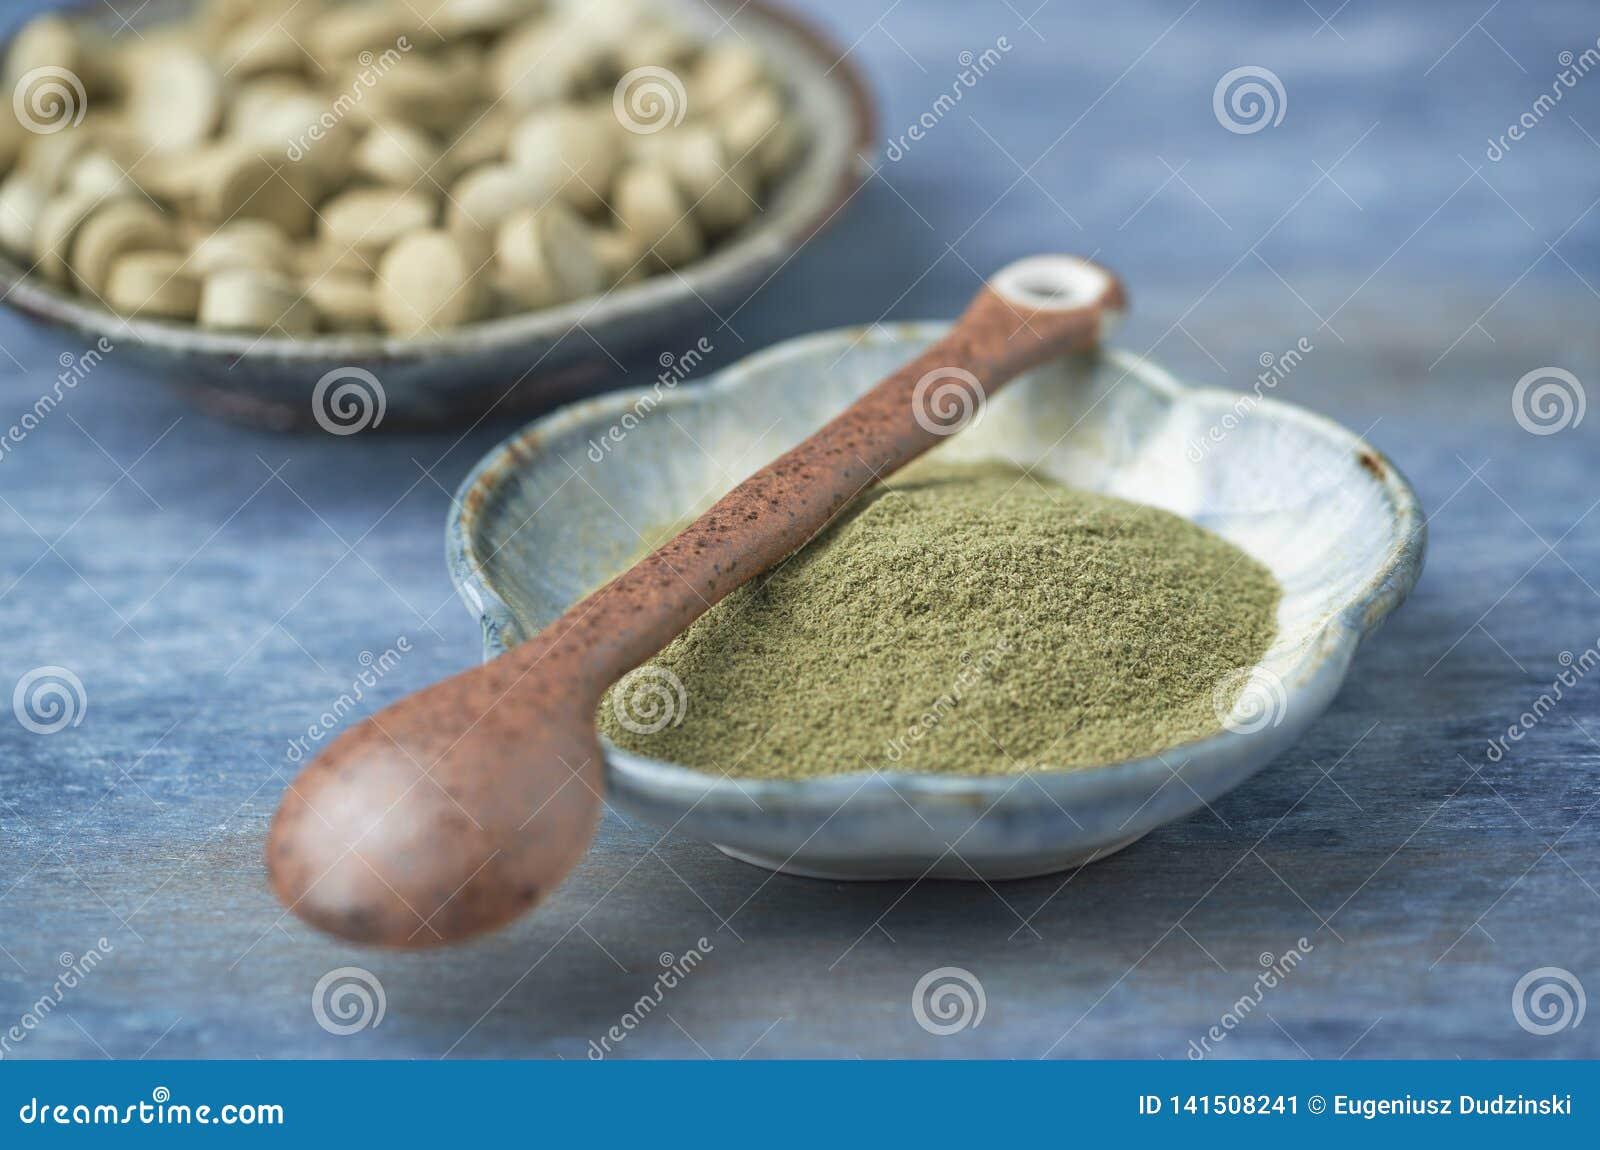 生物绿色大麦草屑粉末和片剂 一个健康饮食补充的概念